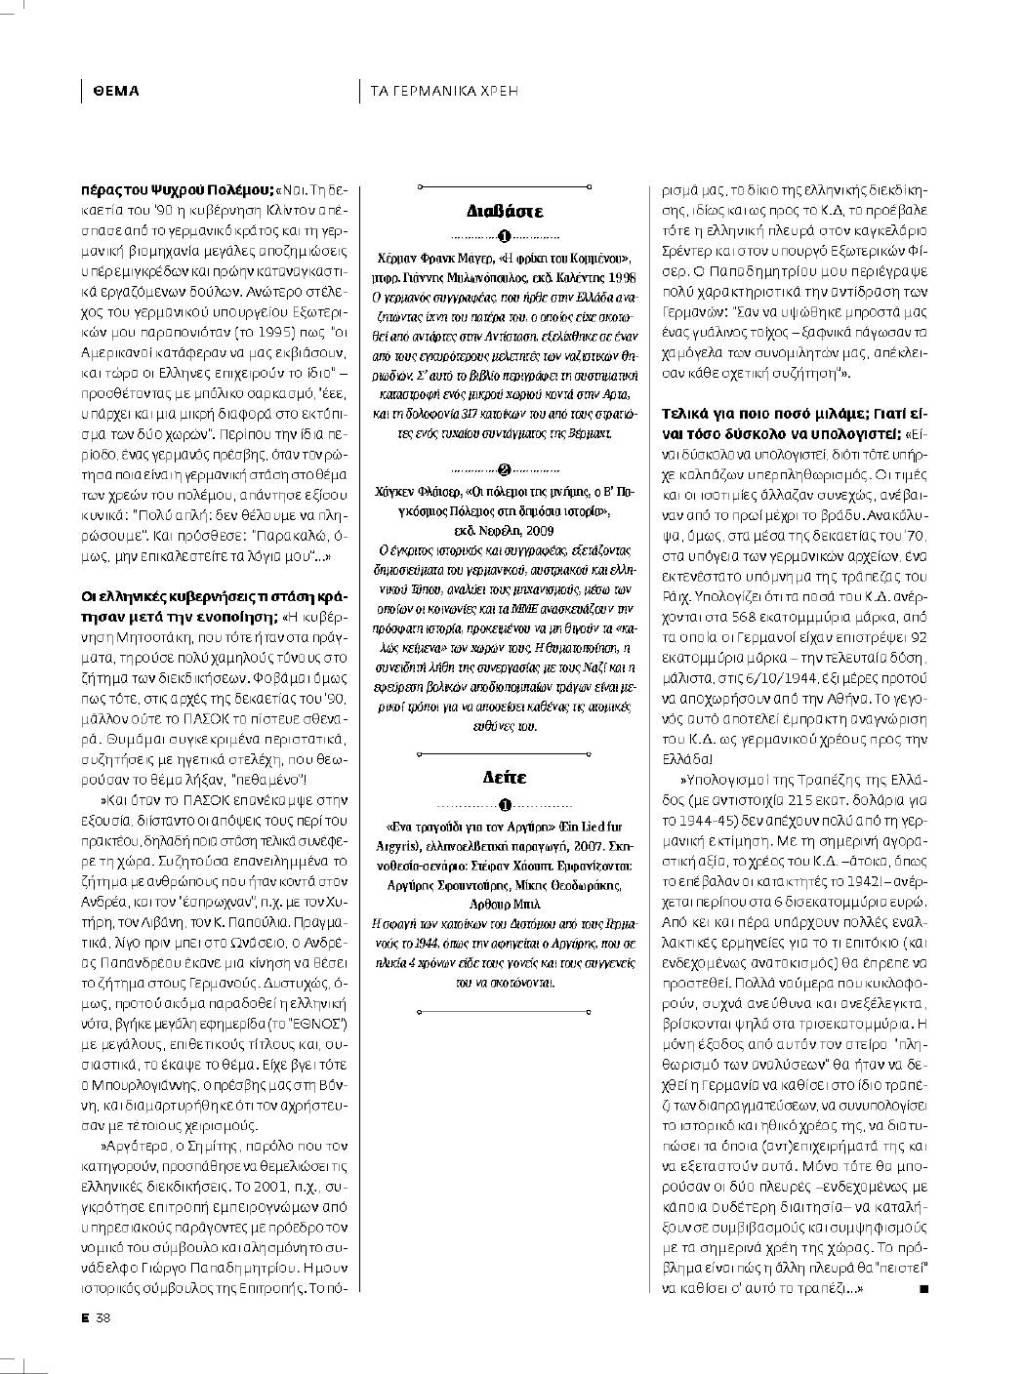 2011-06-26-ΕΨΙΛΟΝ-ΣΕΛ-034-038 - Χάγκεν Φλάισερ - Το κατοχικό δάνειο και οι πολεμικές αποζημιώσεις - Συνέντευξη - 59358240-ΣΕΛ-04